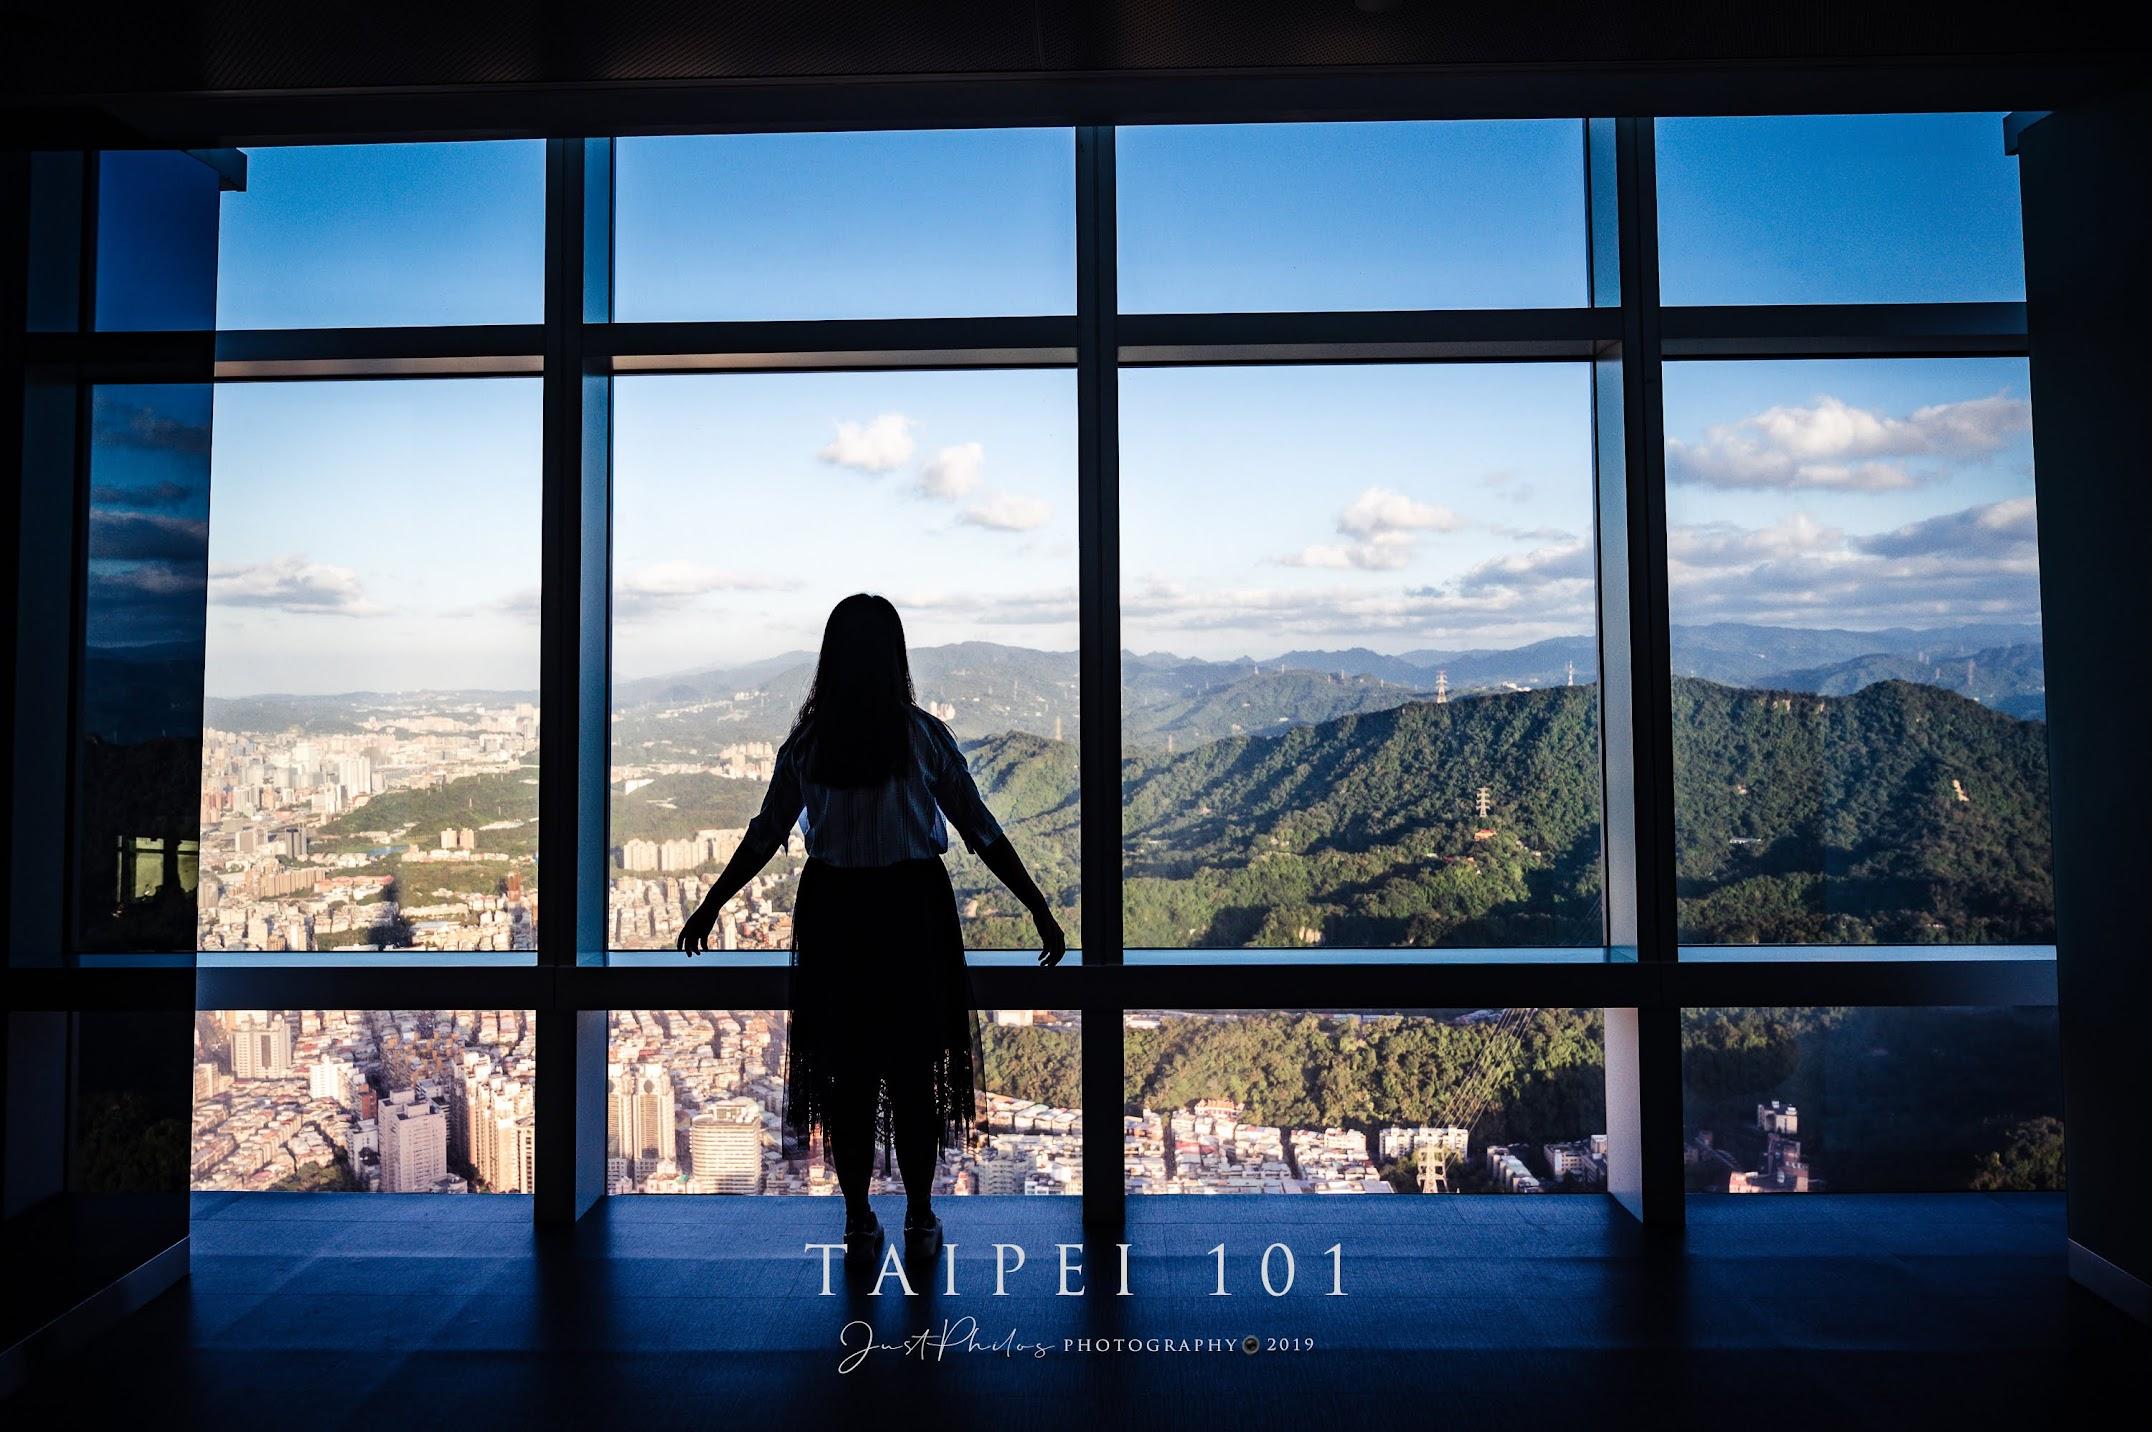 下午登上台北101隨處找個小角落,也可以透過大片的觀景窗拍攝更有氛圍的人像照片。